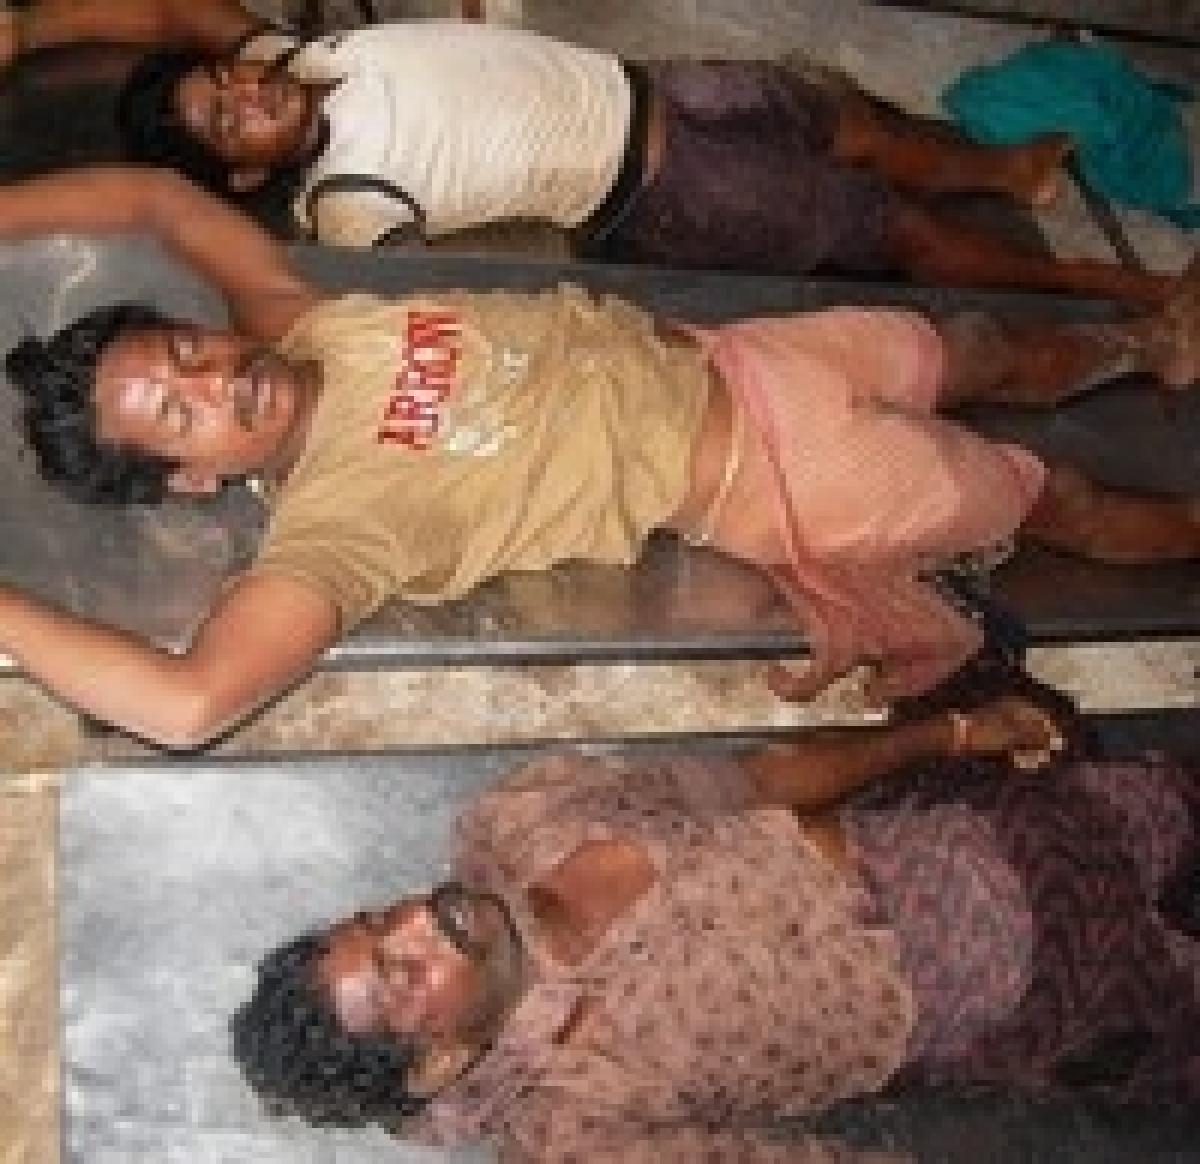 திருவள்ளூரில் விஷவாயு தாக்கி 3 தொழிலாளர்கள் பலி (படங்கள்)